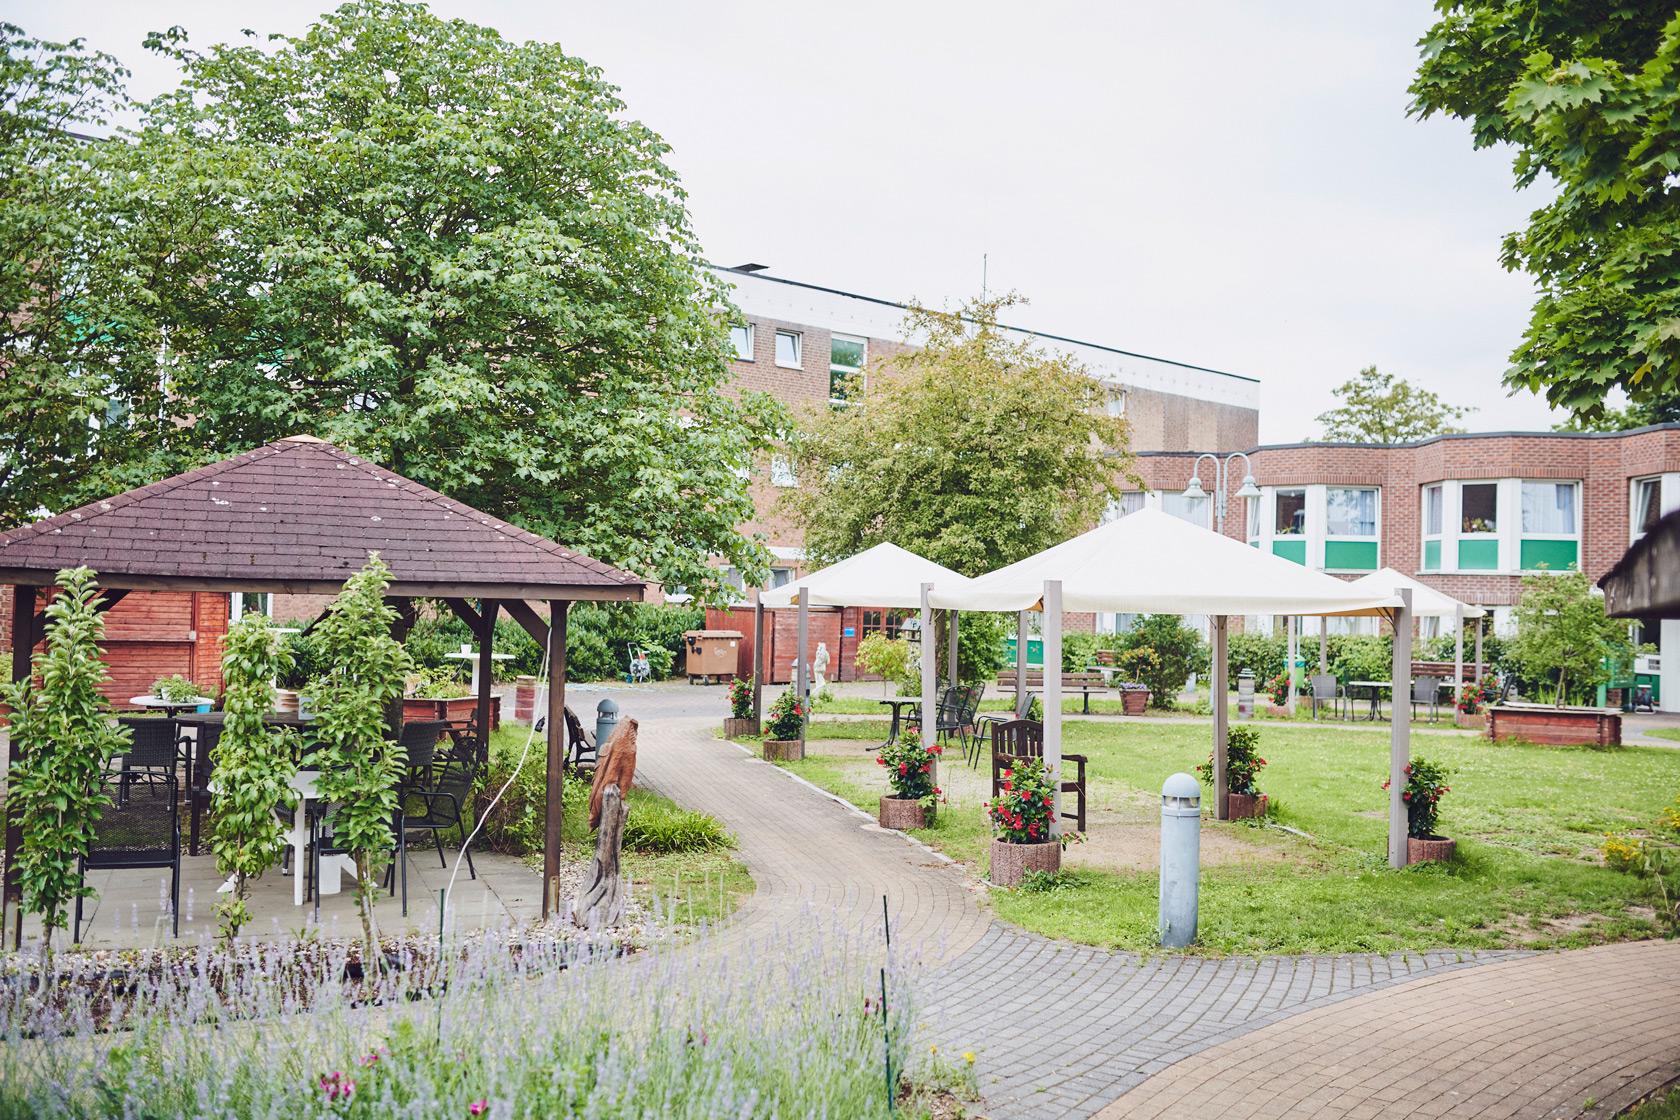 Garten mit Gartenmöbel im Johanniter-Stift Heuserhof in Köln.